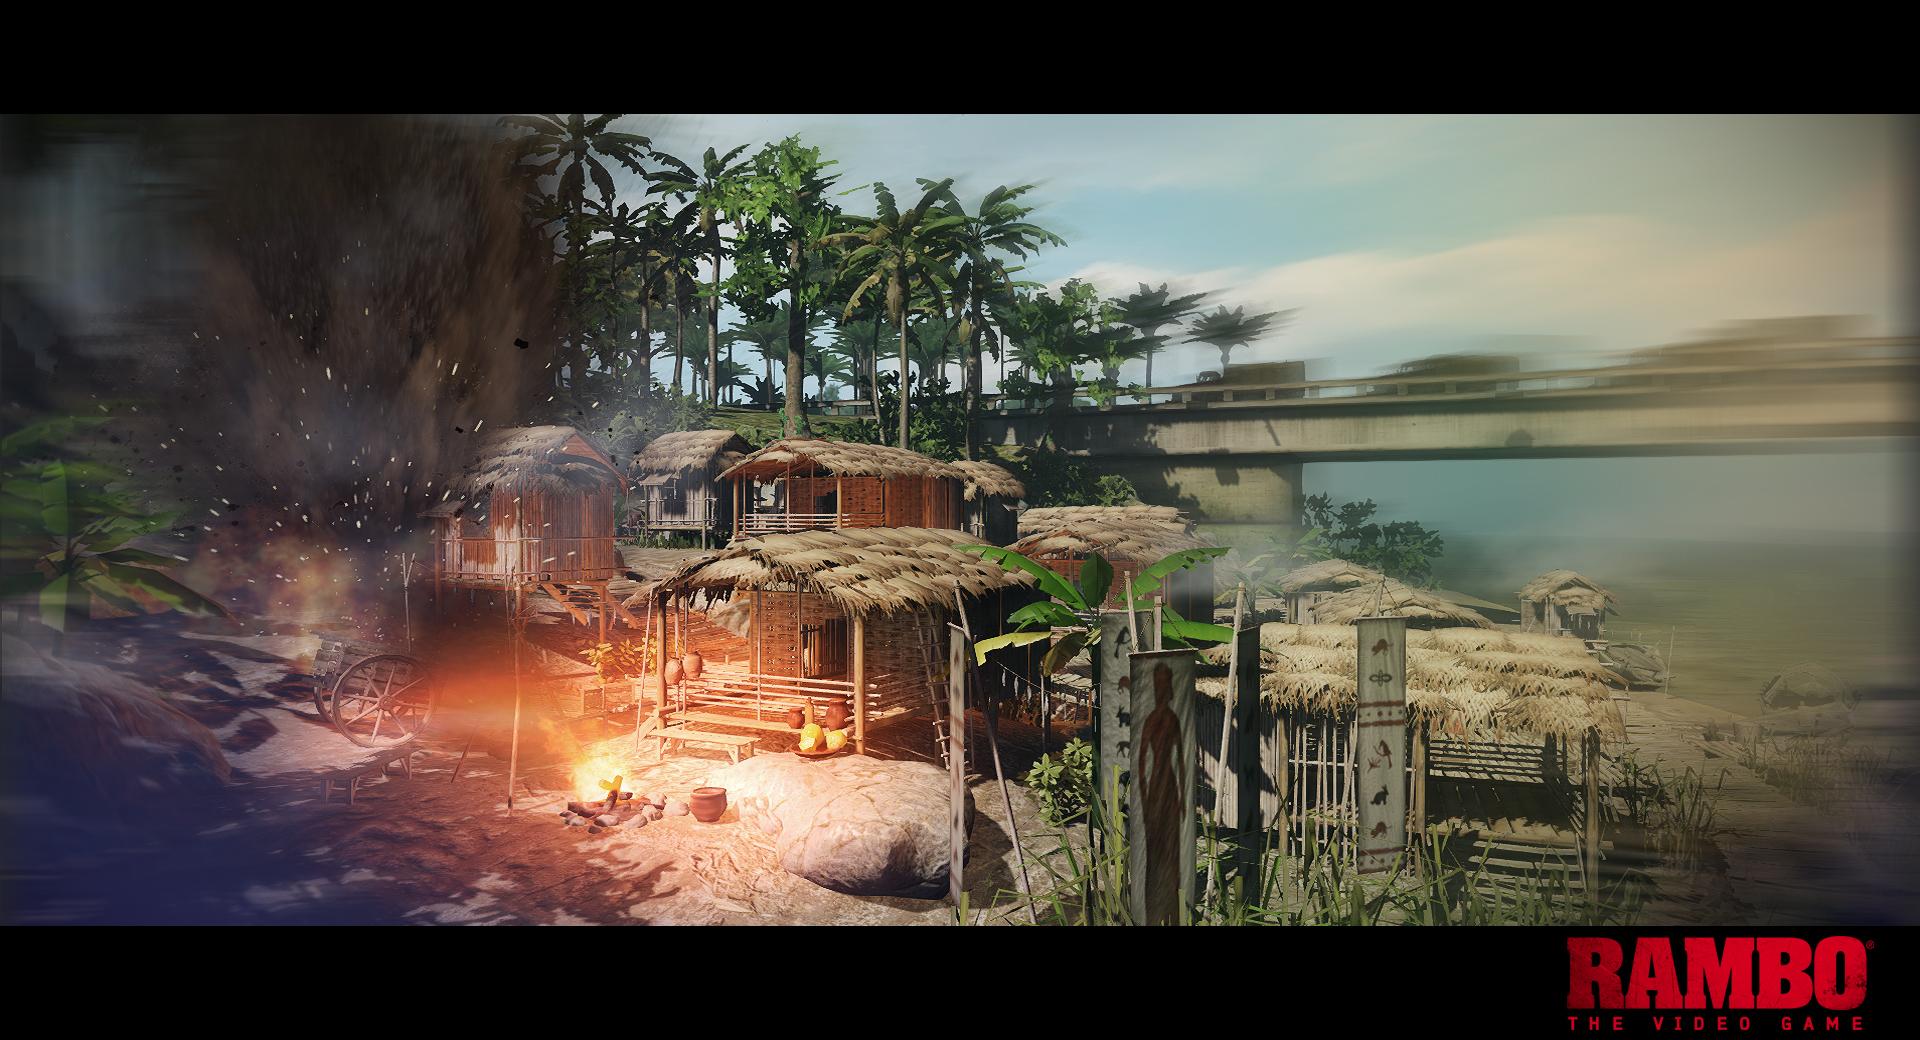 Rambo bude z pohledu první osoby 68606